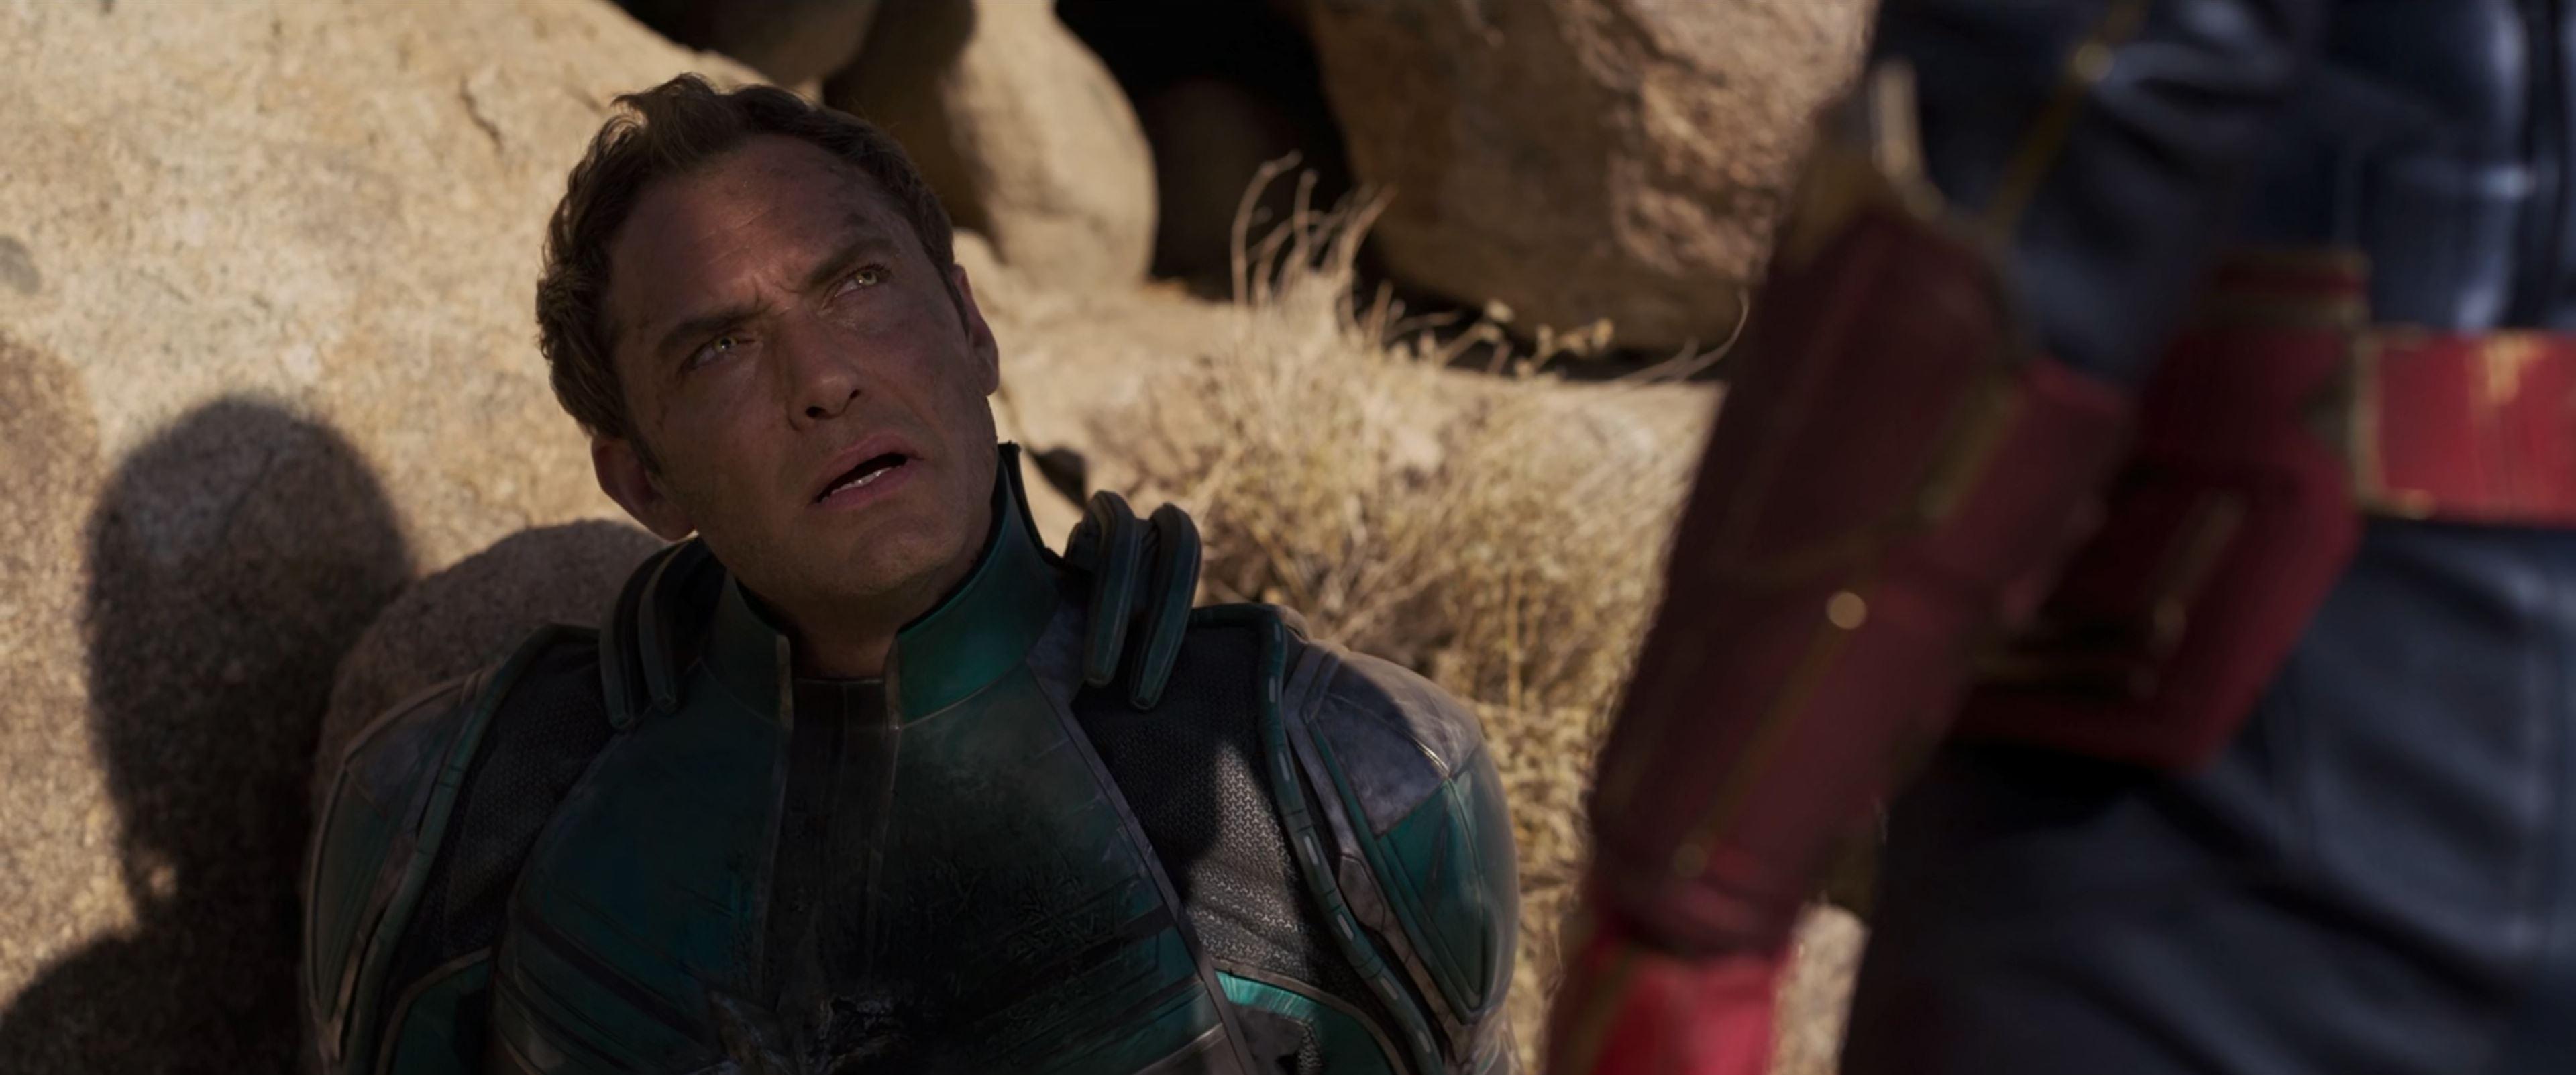 غایت فیلم در انتهای آن، شخصیت منفی فیلم در نمای High Angle و با نورپردازی دقیق که تمام او را سایه کاپیتان مارول فراگرفته، تحت سیطره به نمایش گذاشته میشود.